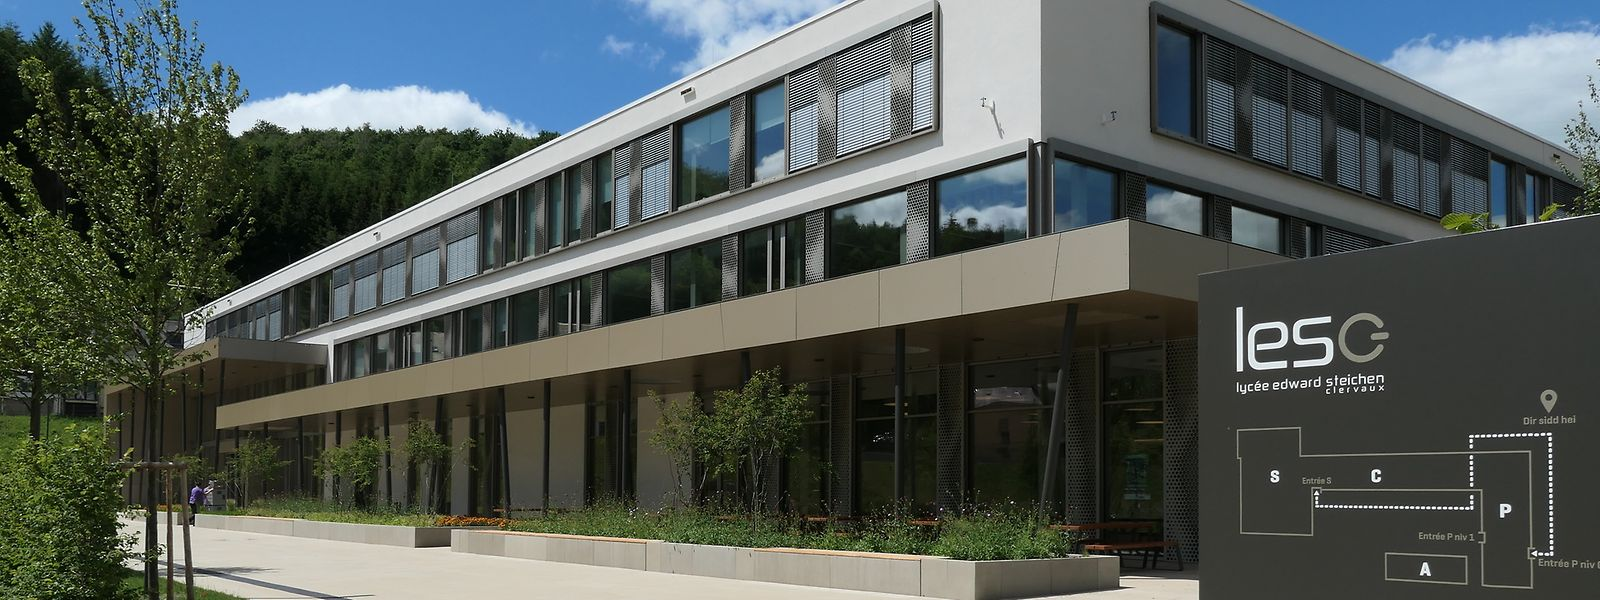 Seit September wird im Lycée Edward Steichen in Clerf bereits unterrichtet. Nun ist die Schule auch offiziell eingeweiht.